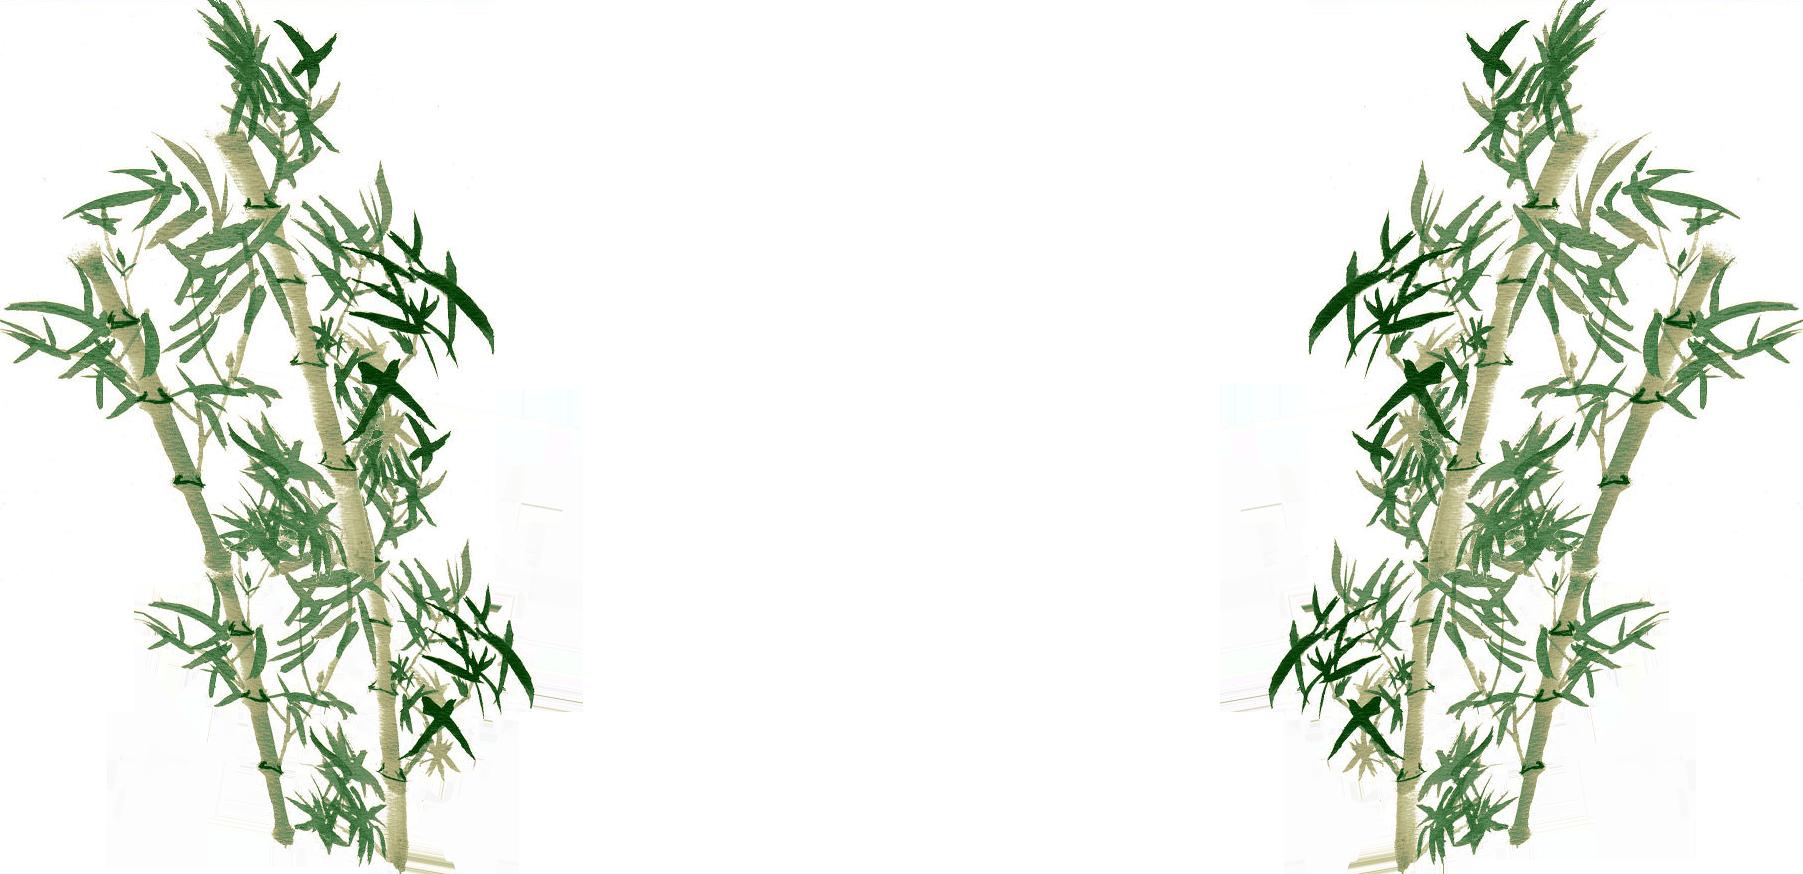 Fond de page en bambous calligraphiés